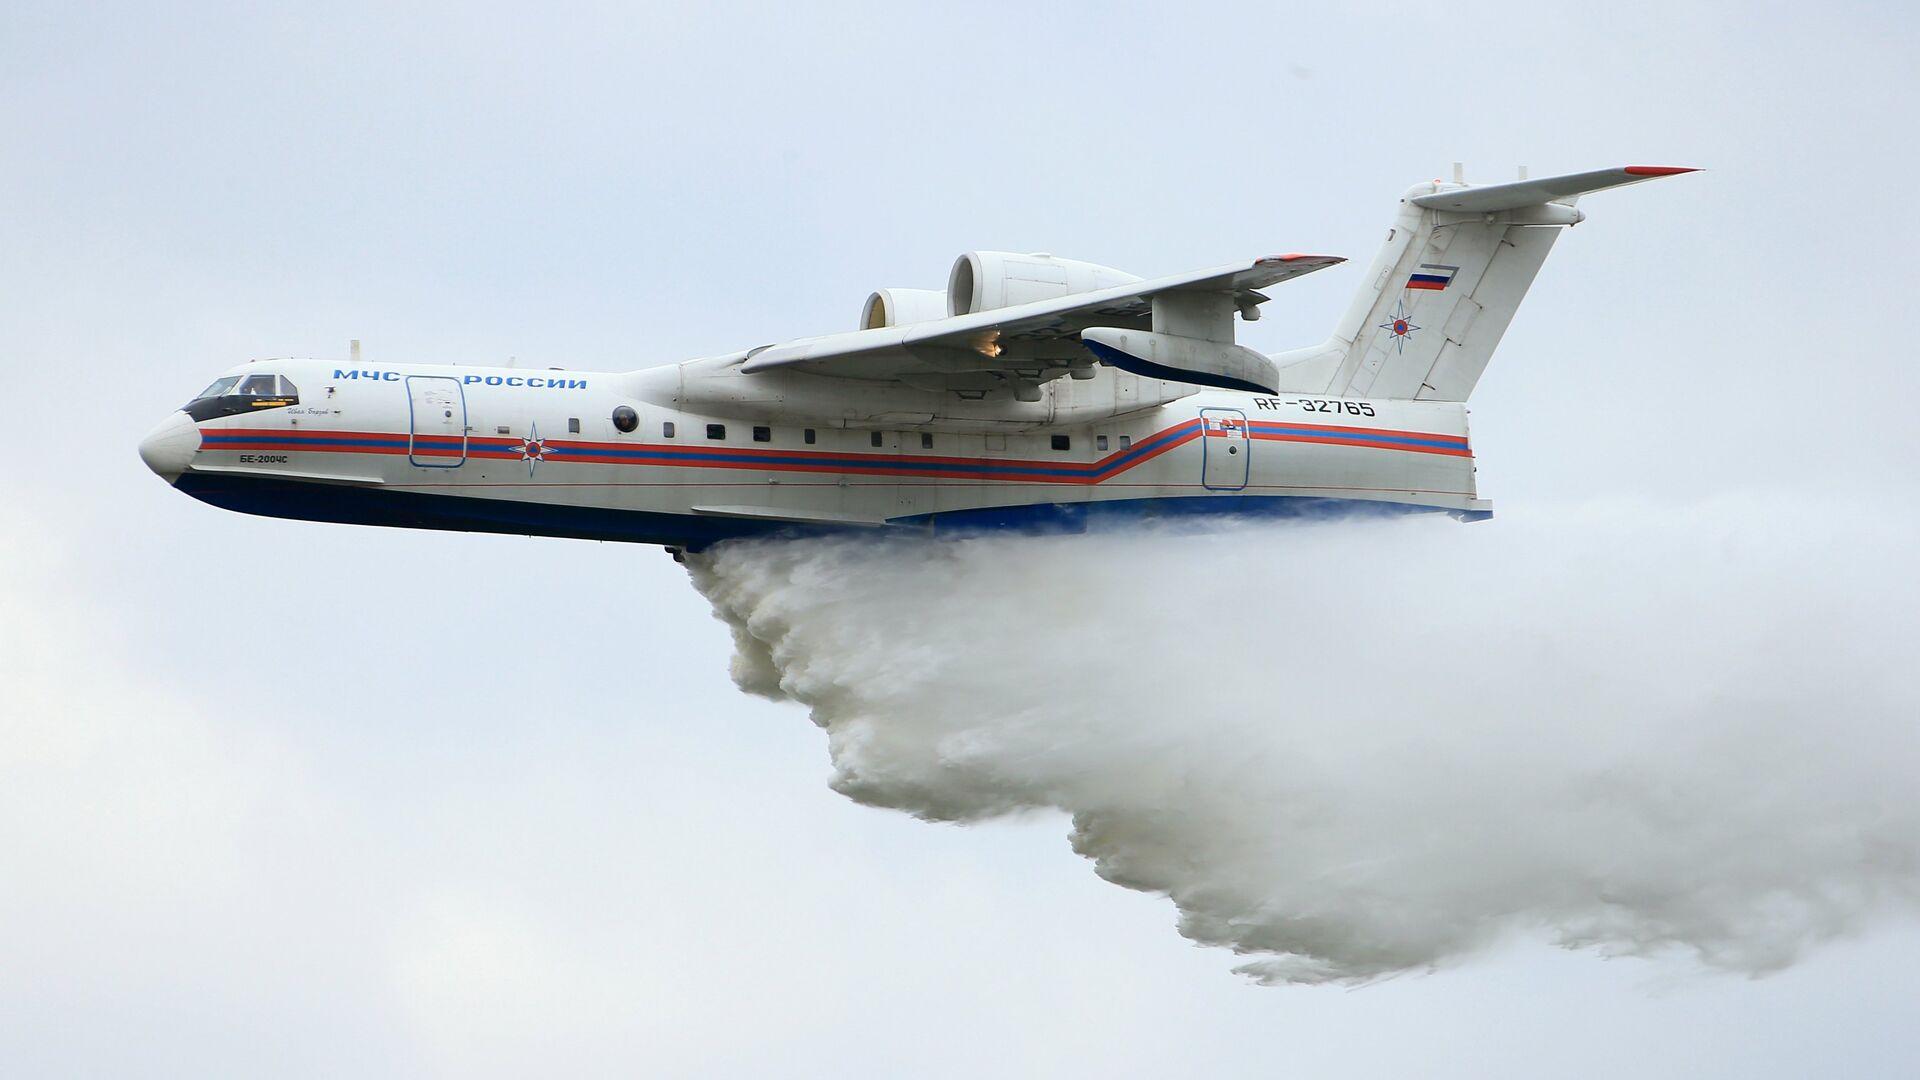 Авион Бе-200ЧС за гашење пожара - Sputnik Србија, 1920, 14.10.2021